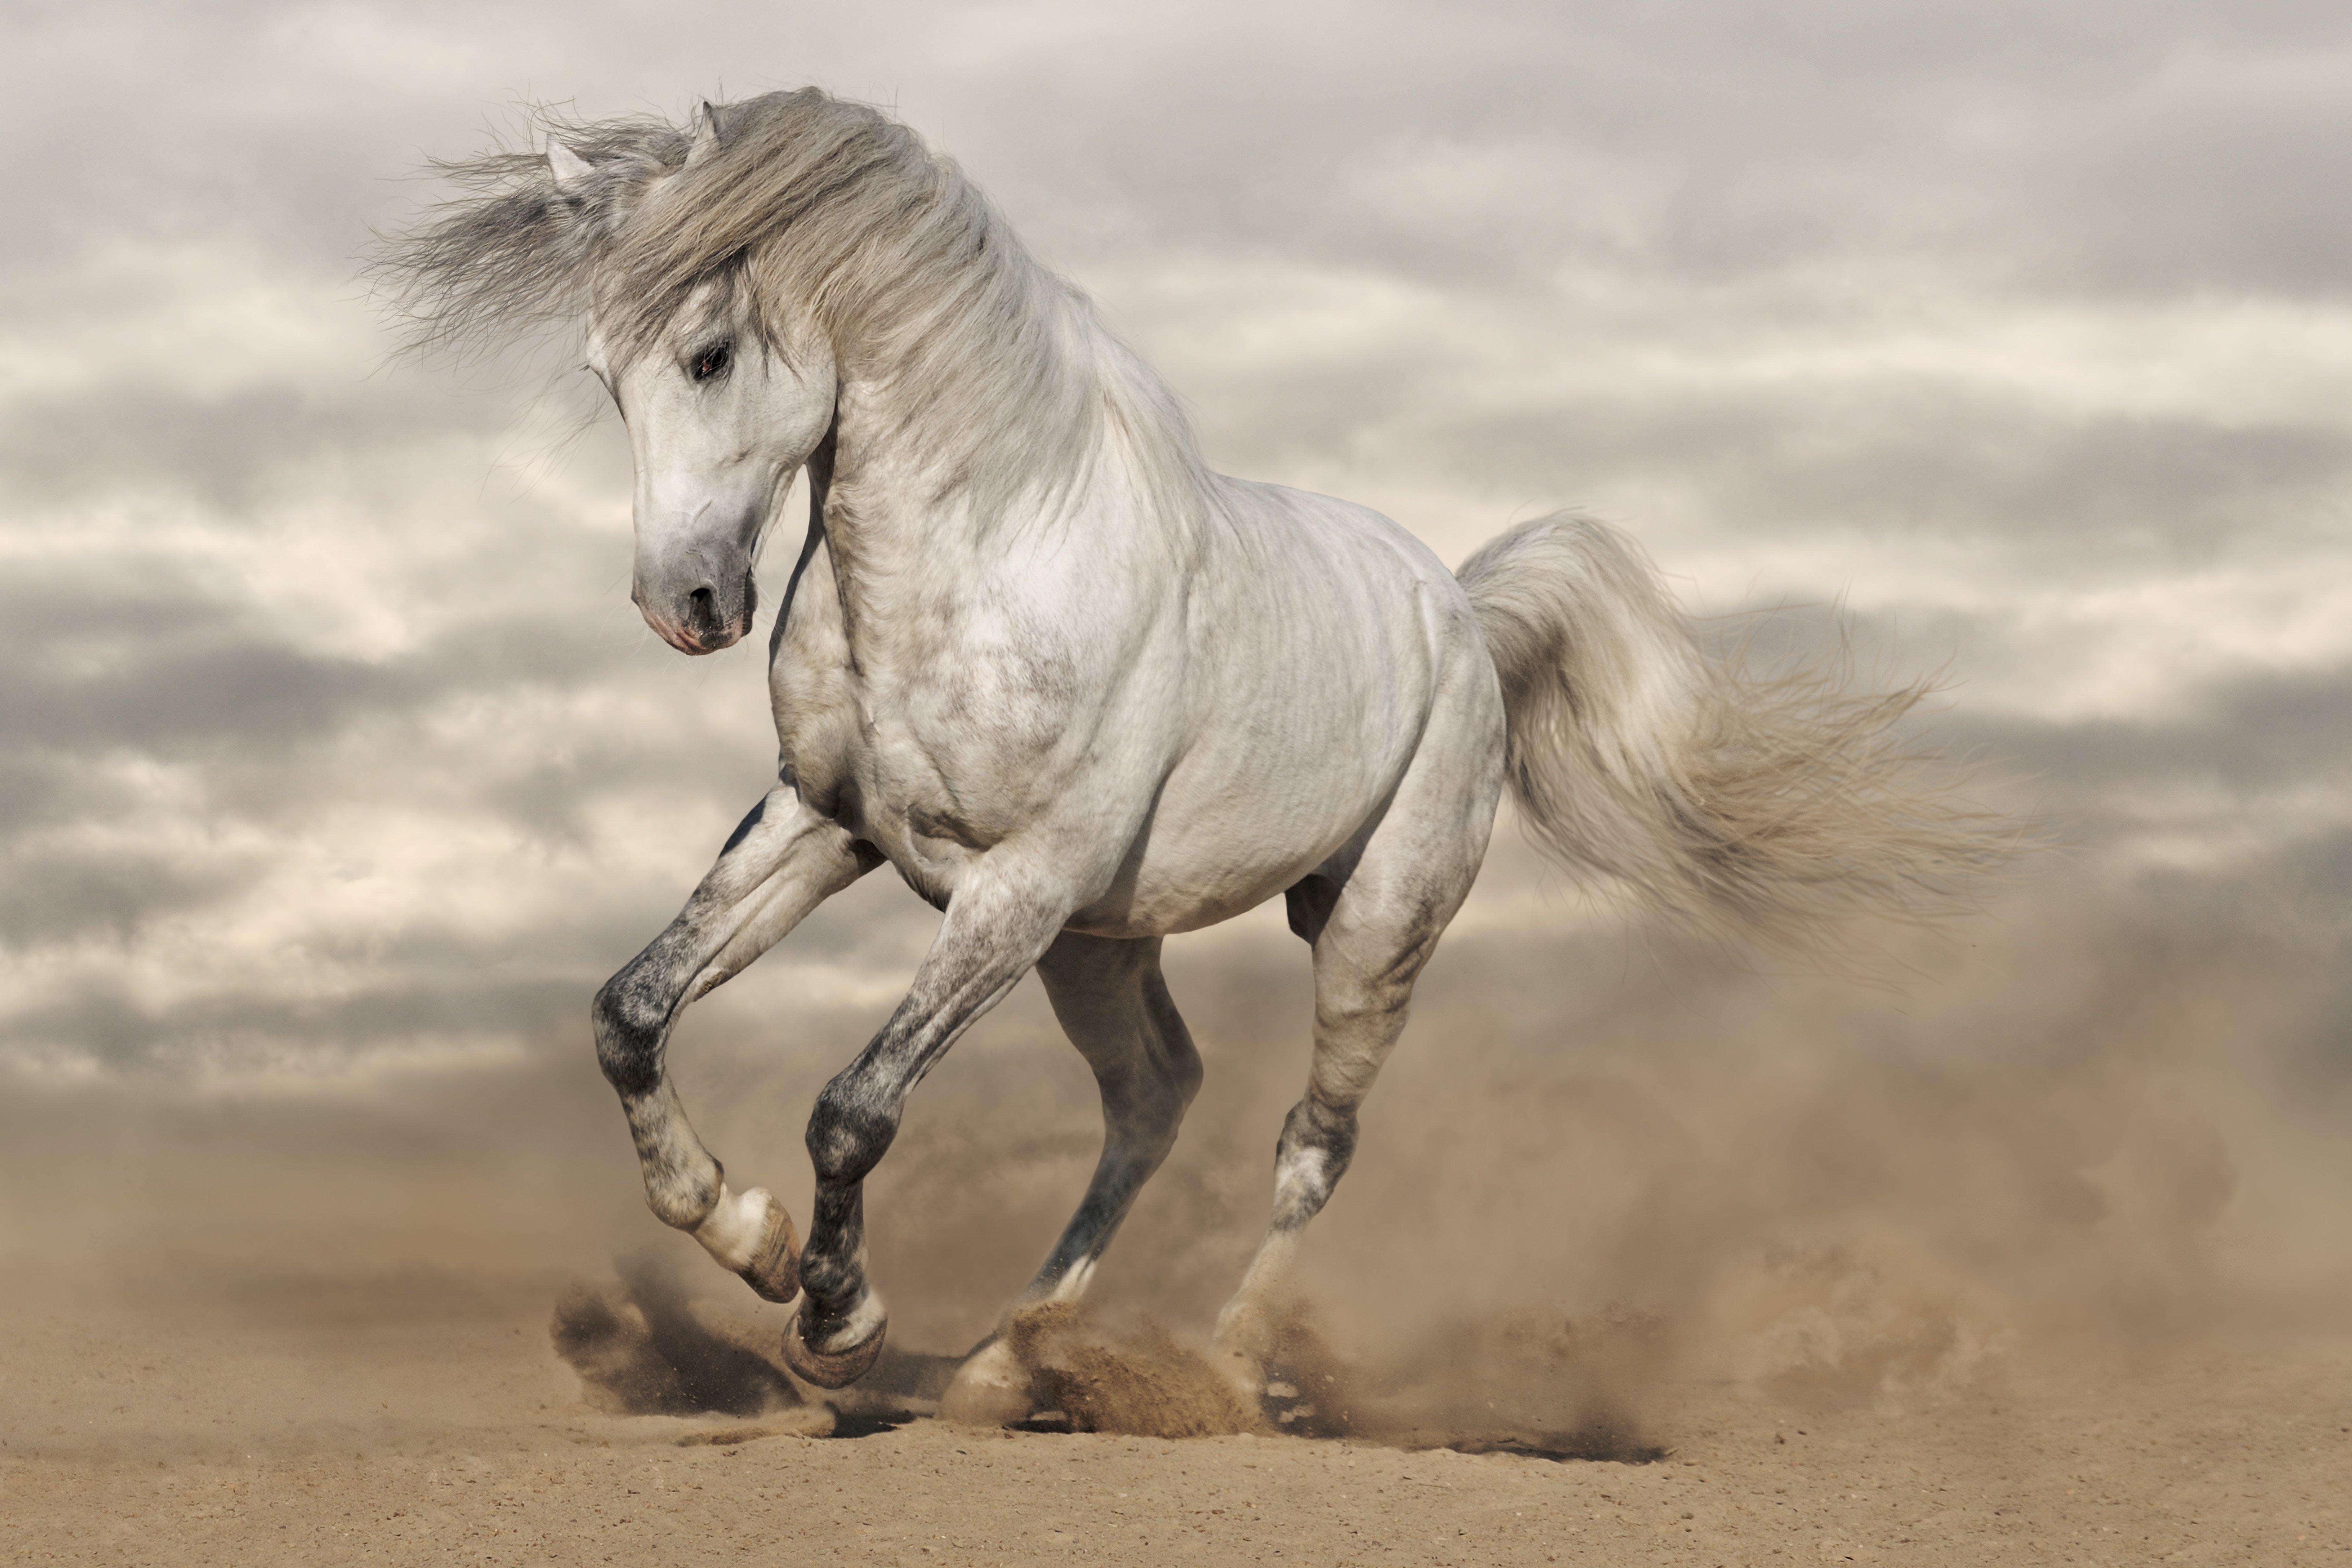 White Horse Wallpaper 7296x4864